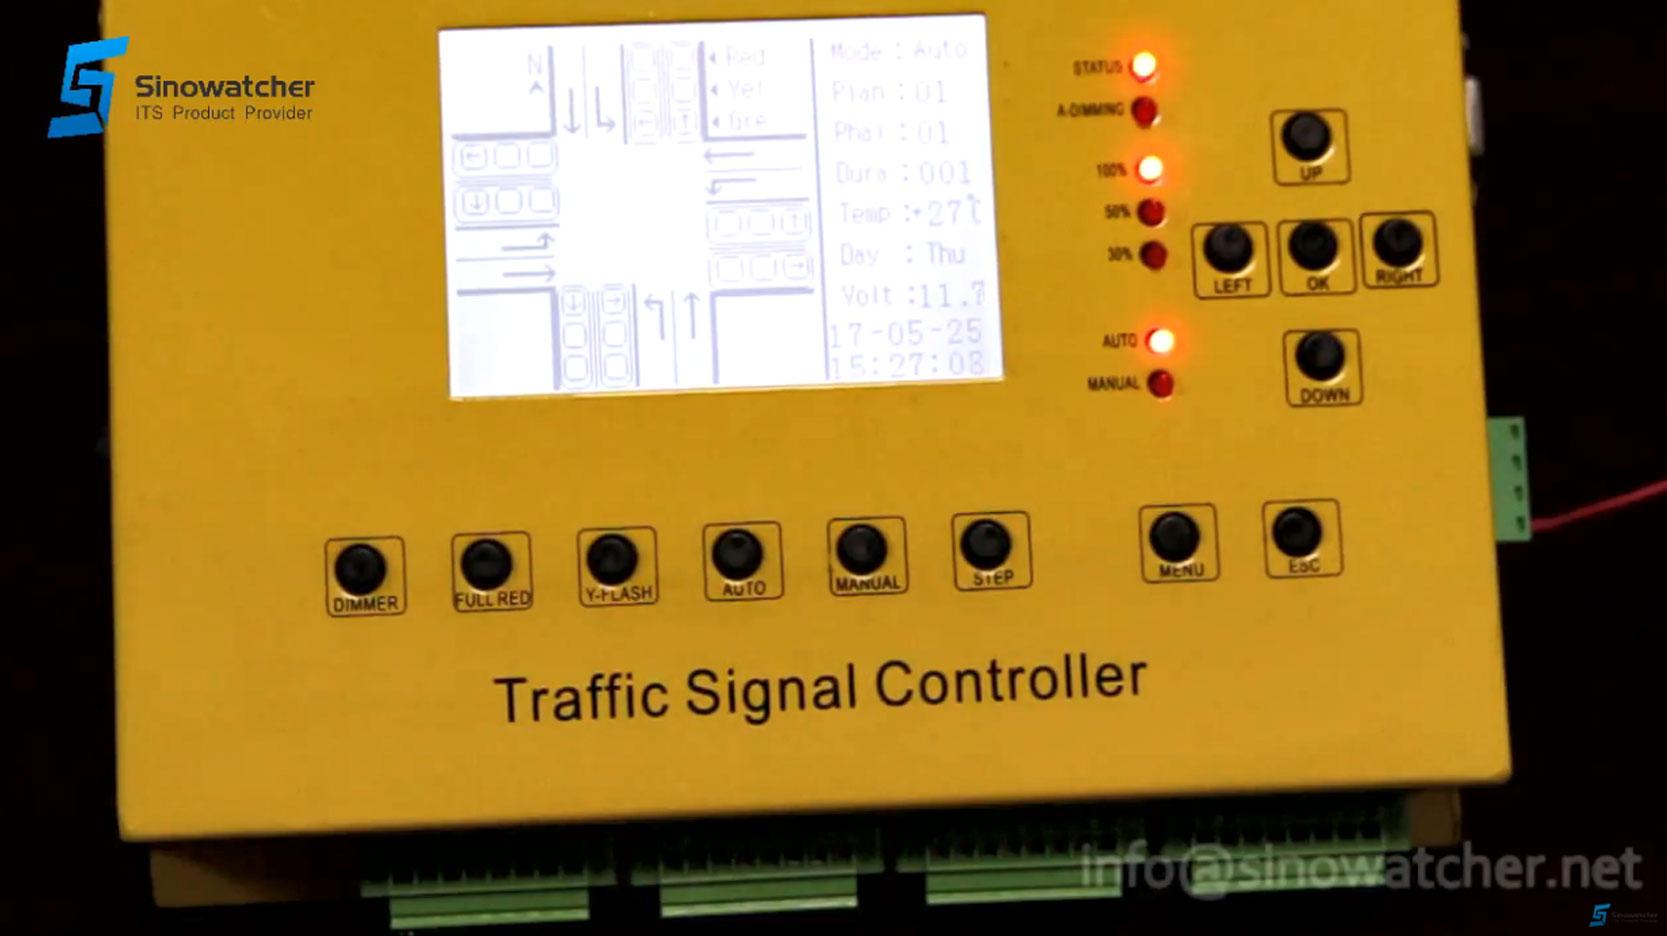 24 controladores de salida (versión en español) para aplicaciones de tráfico móvil (DC)